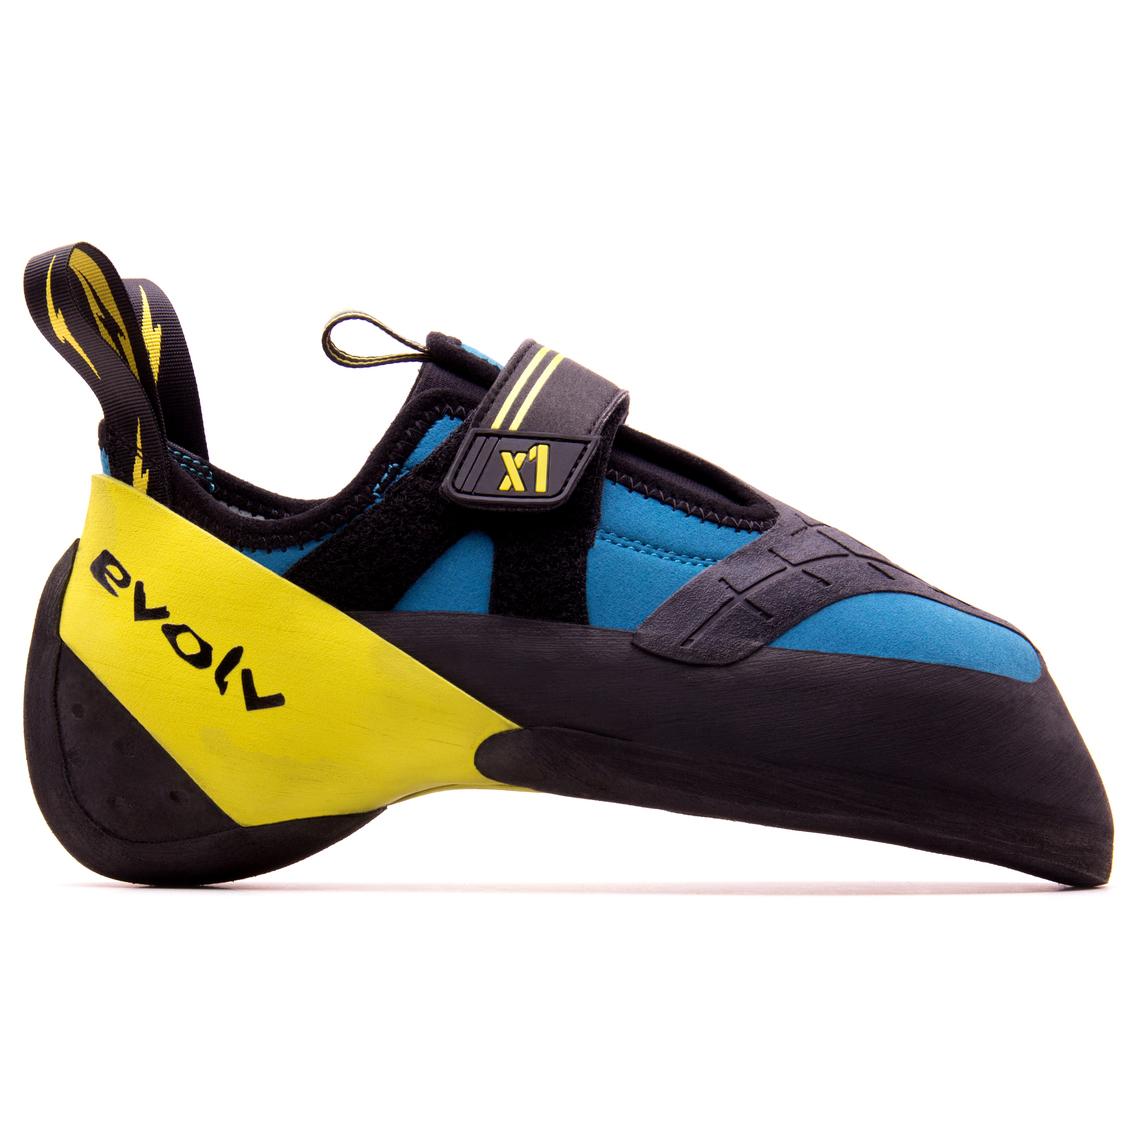 Evolv X1 - Climbing shoes   Free EU